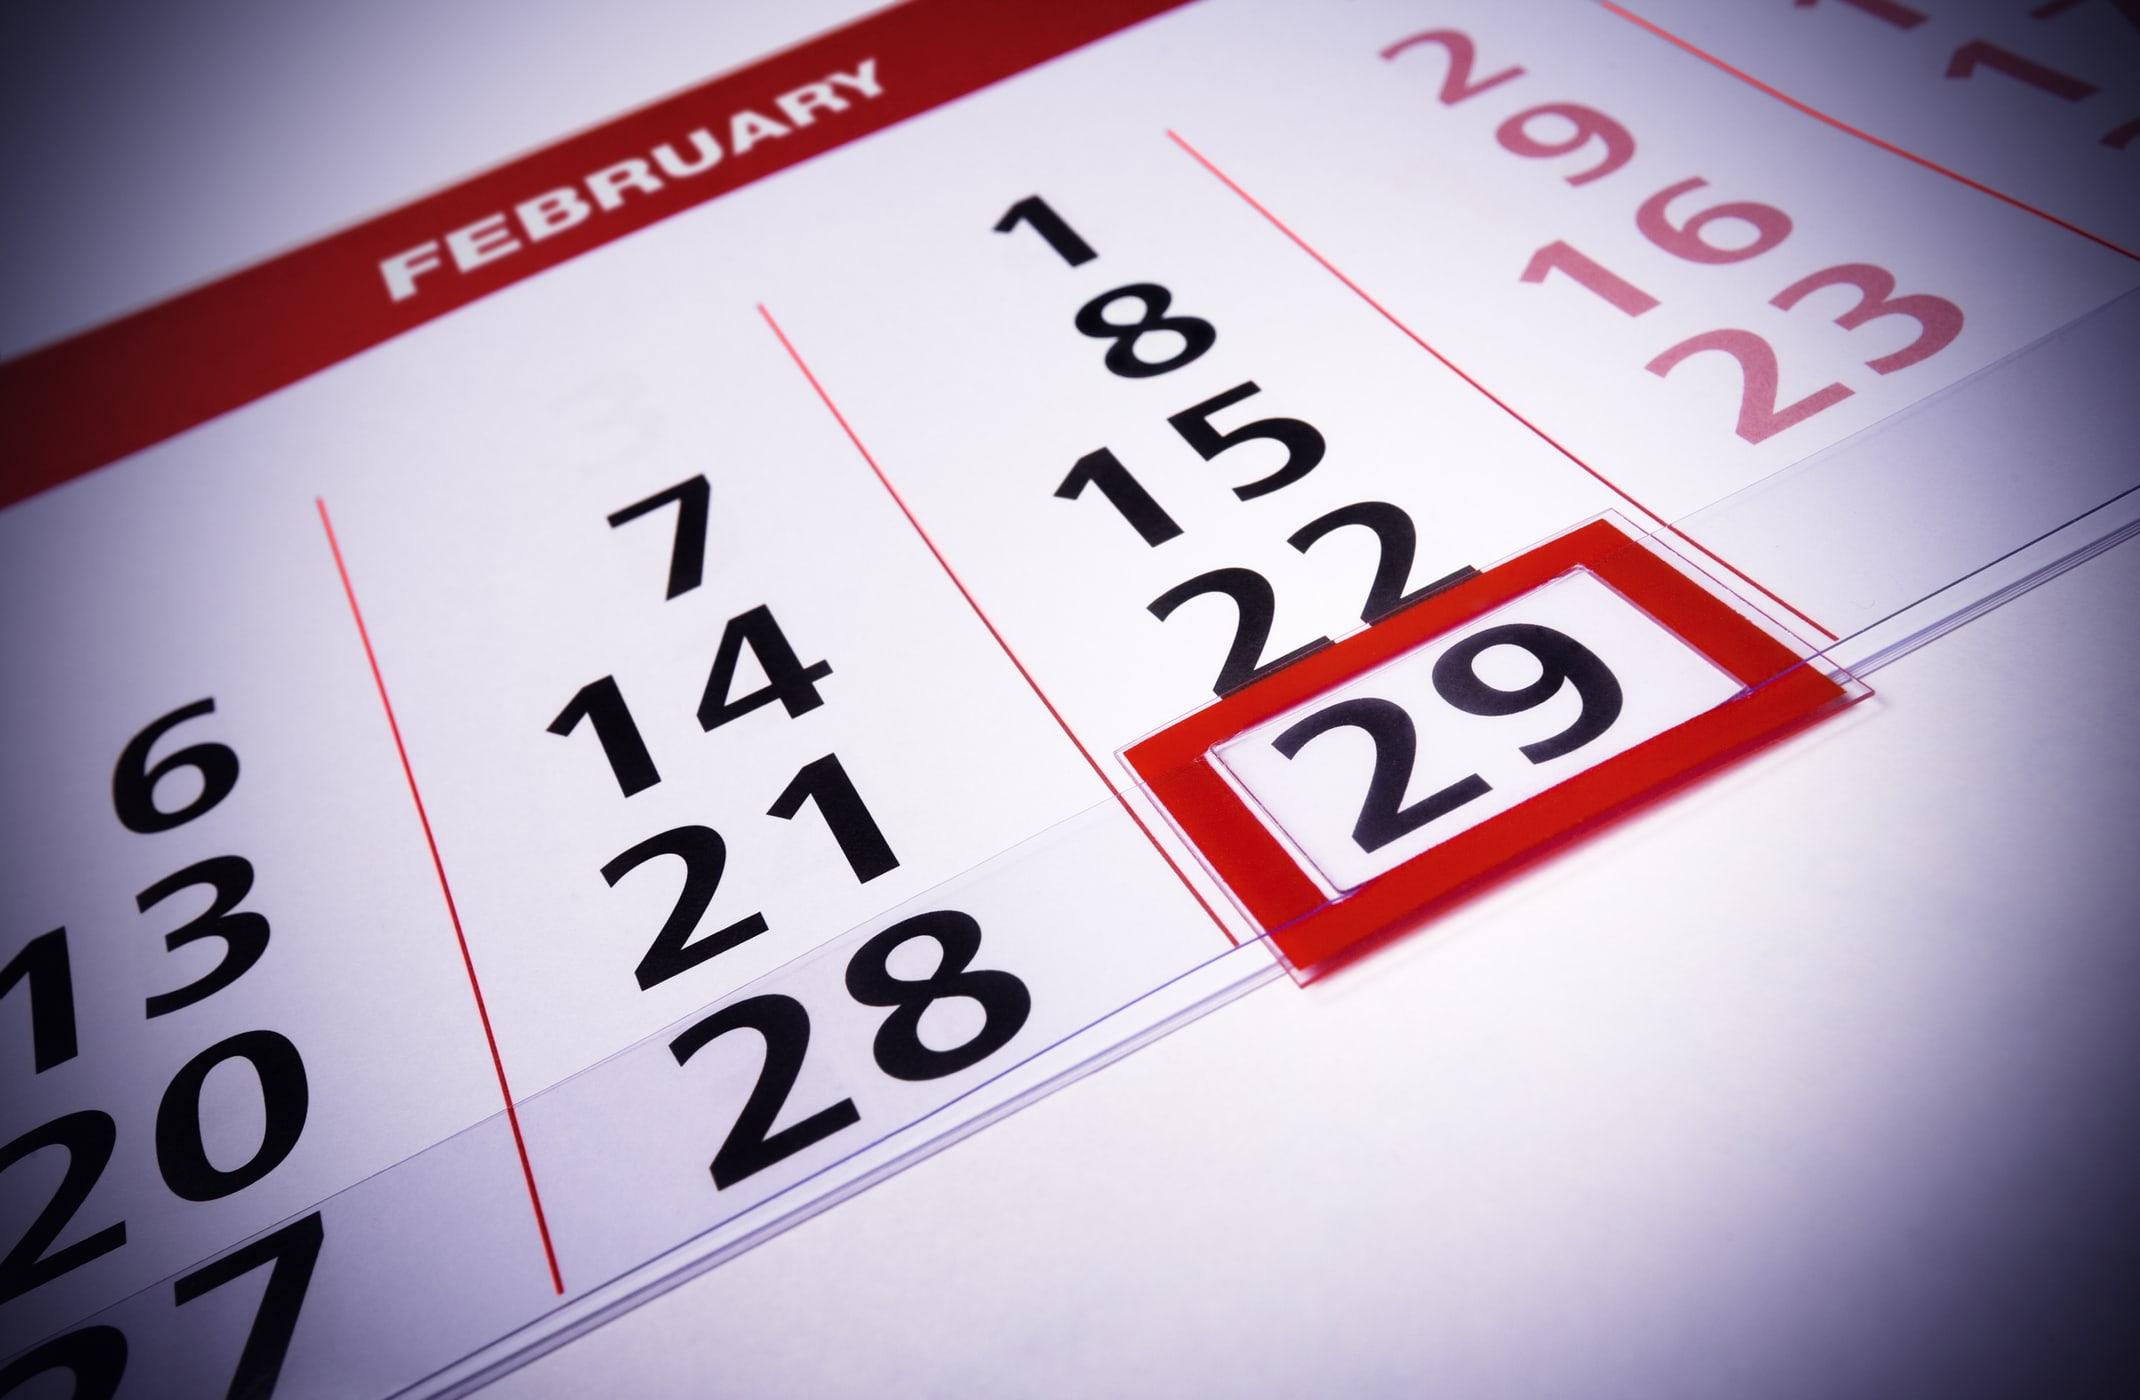 February 29 on calendar